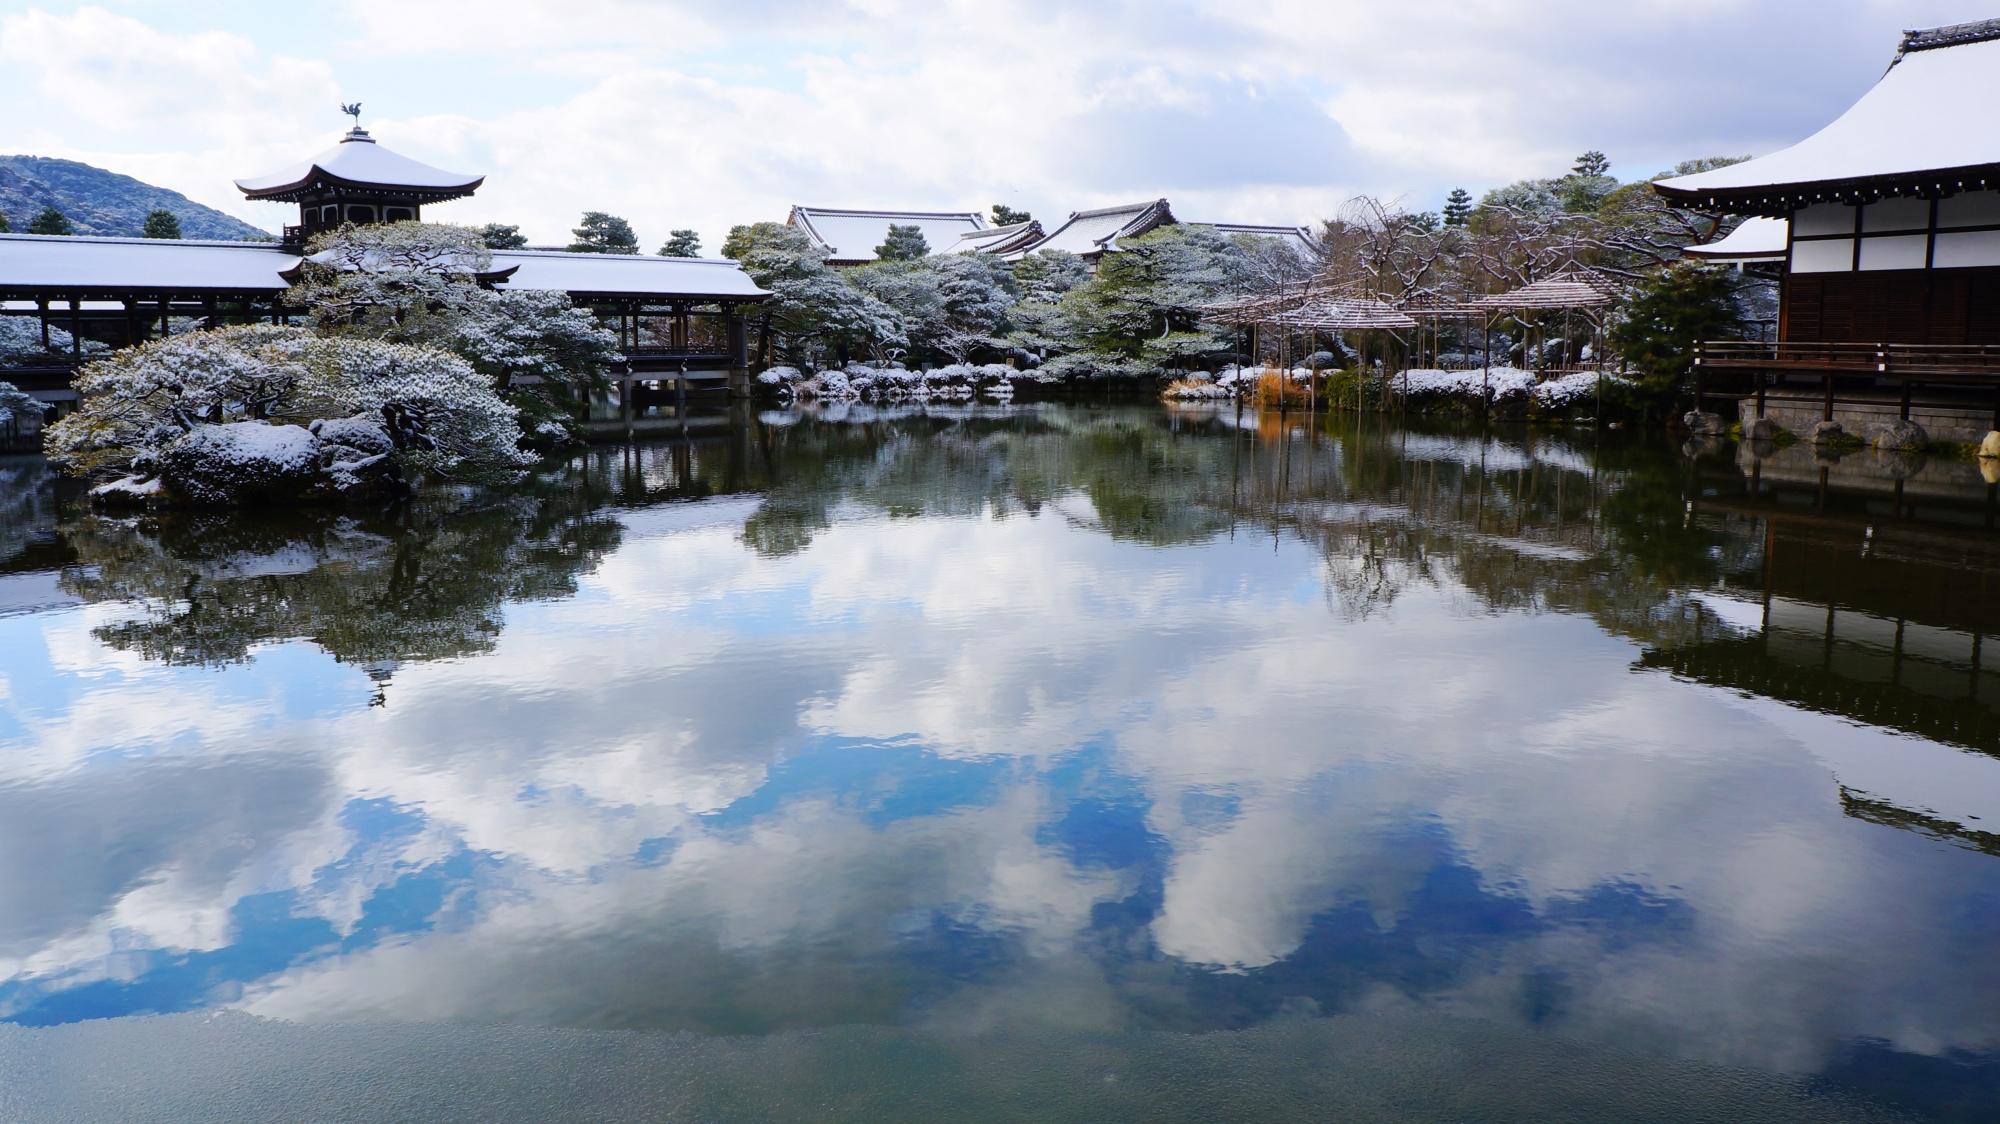 泰平閣と尚美館の雪景色と水鏡